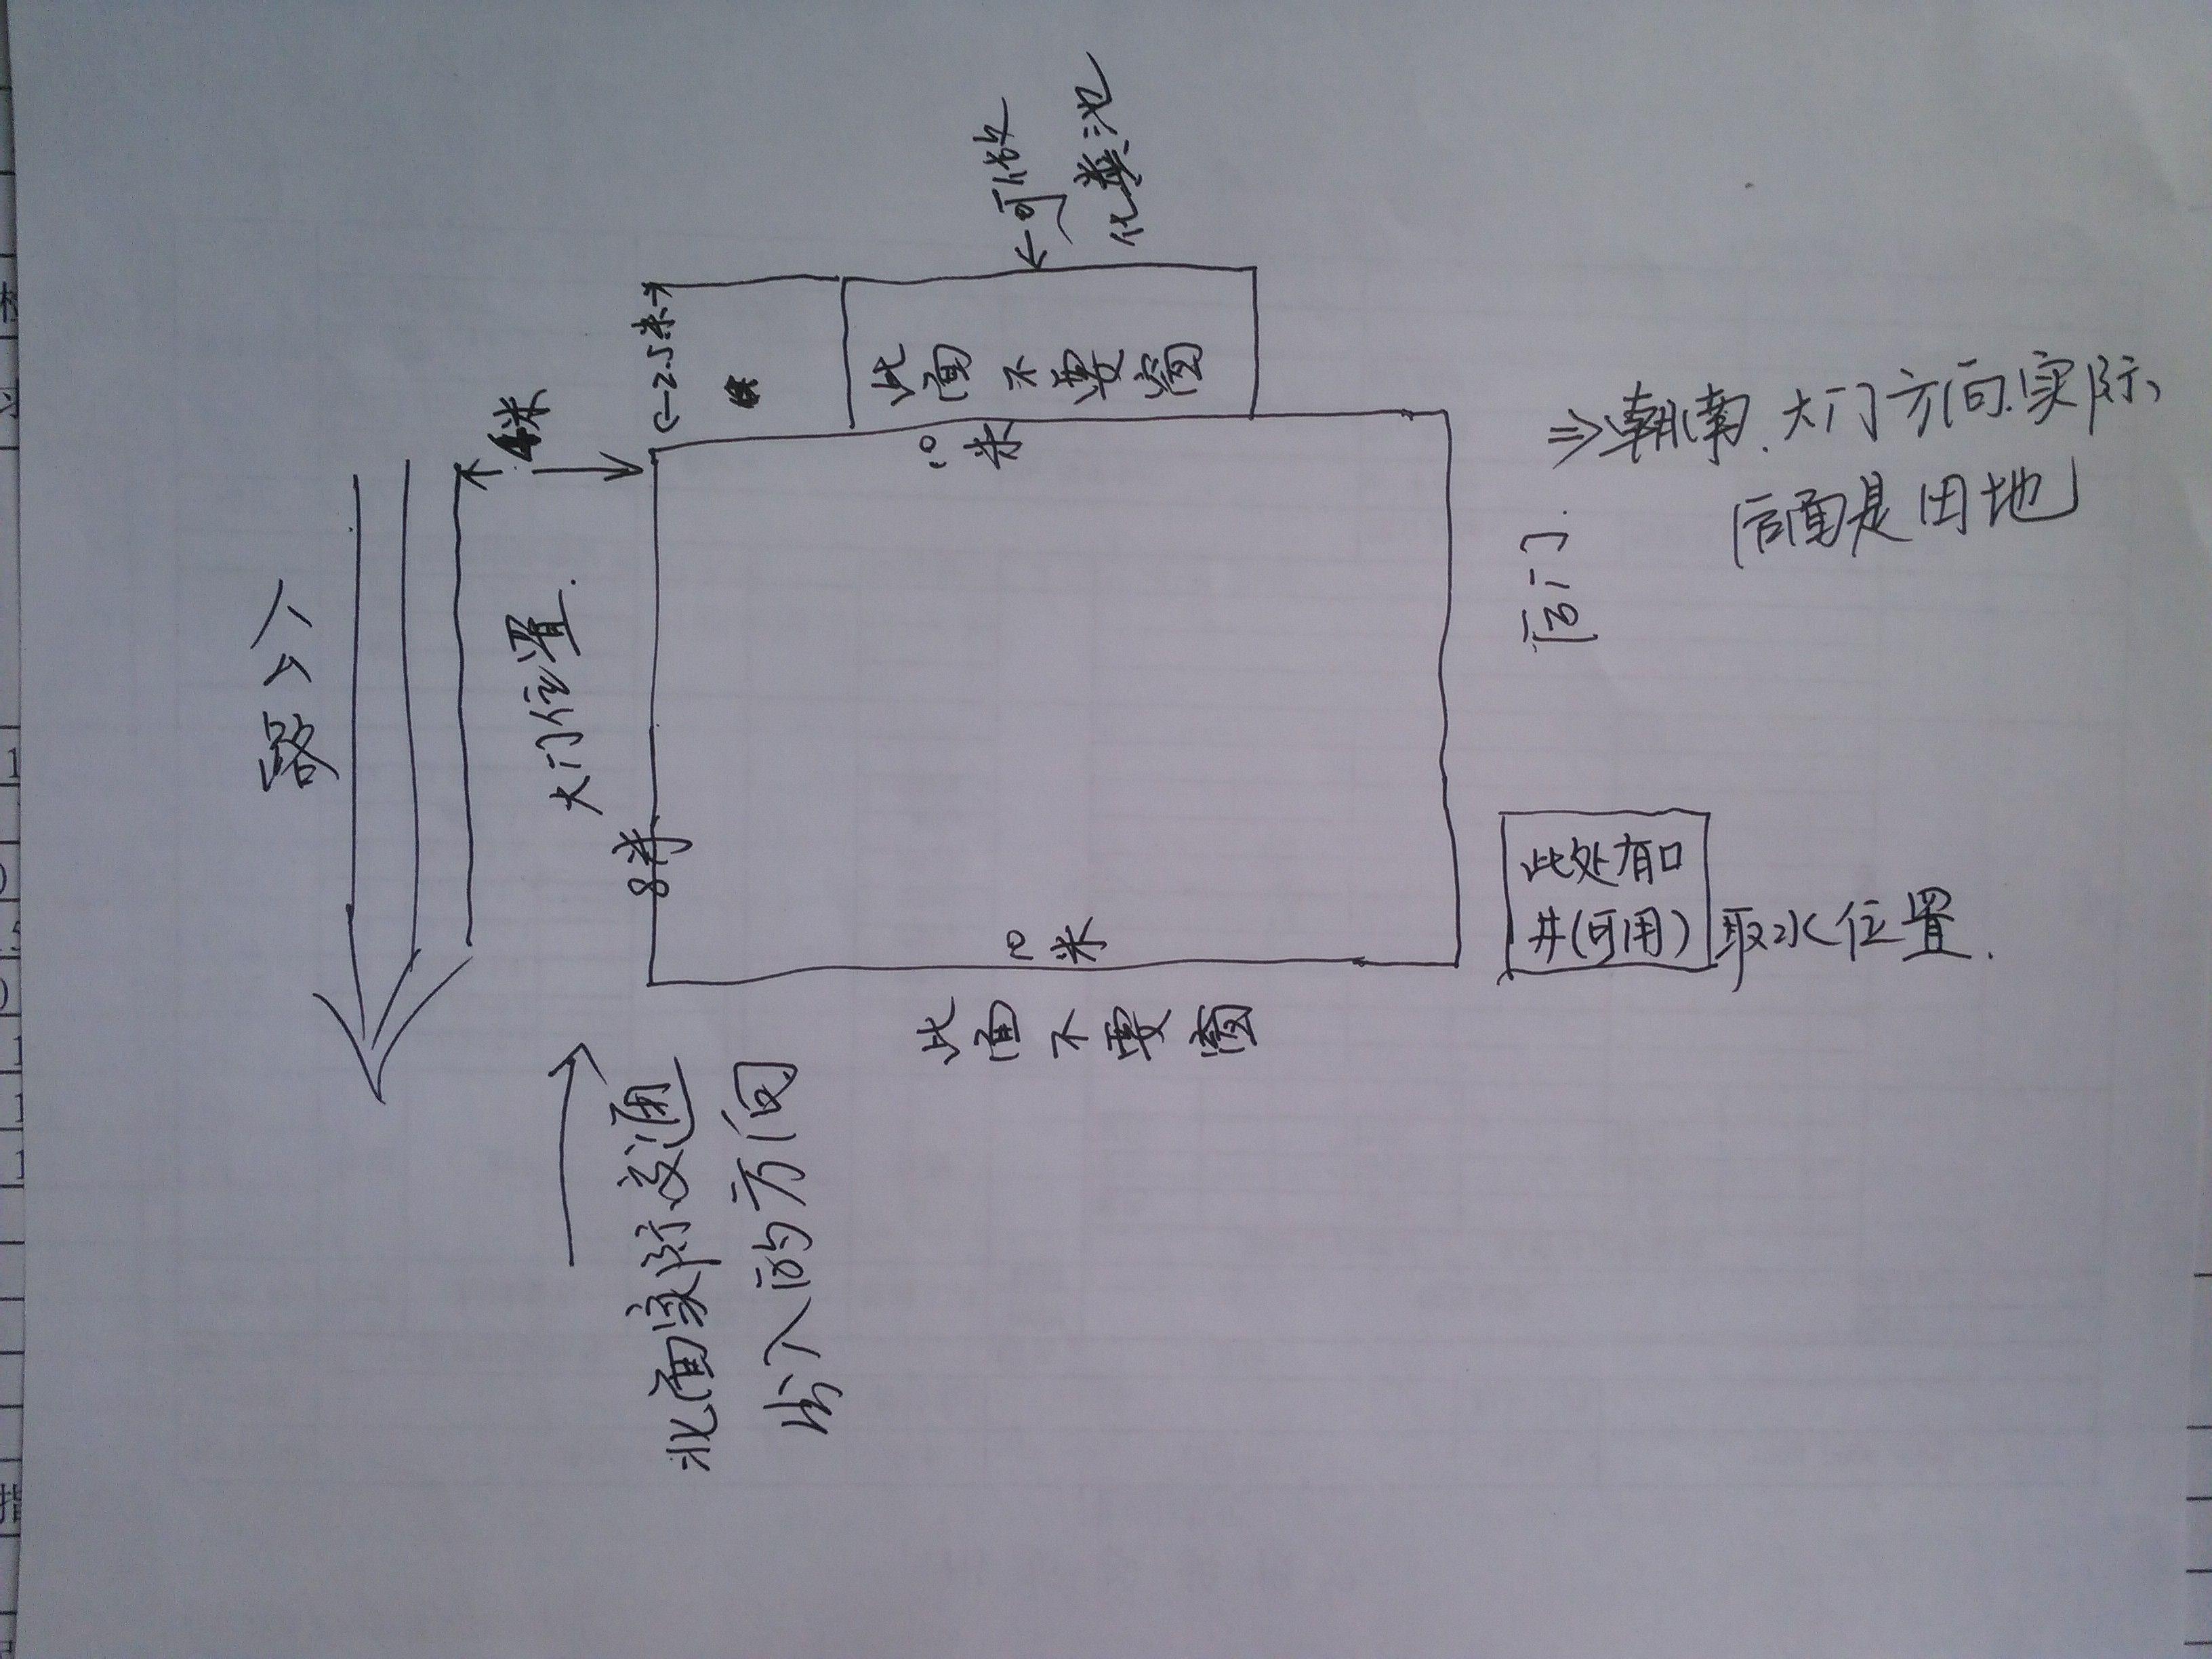 我一个空地宽8m长10m想建一个房子求设计图.图片